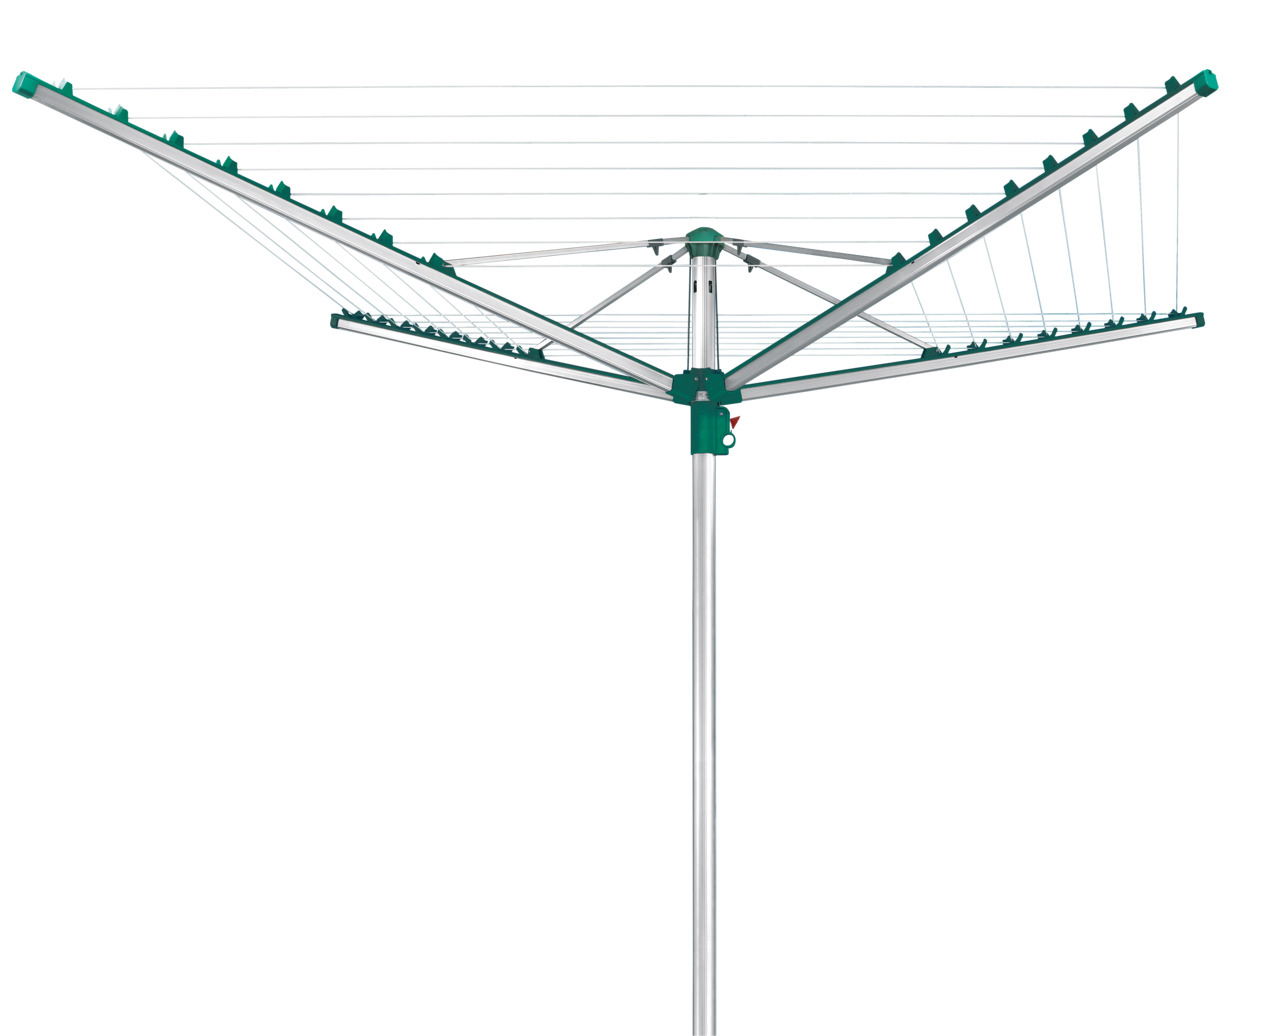 Leifheit Wäschespinne Linomatic 500 Comfort 50m Bild 1